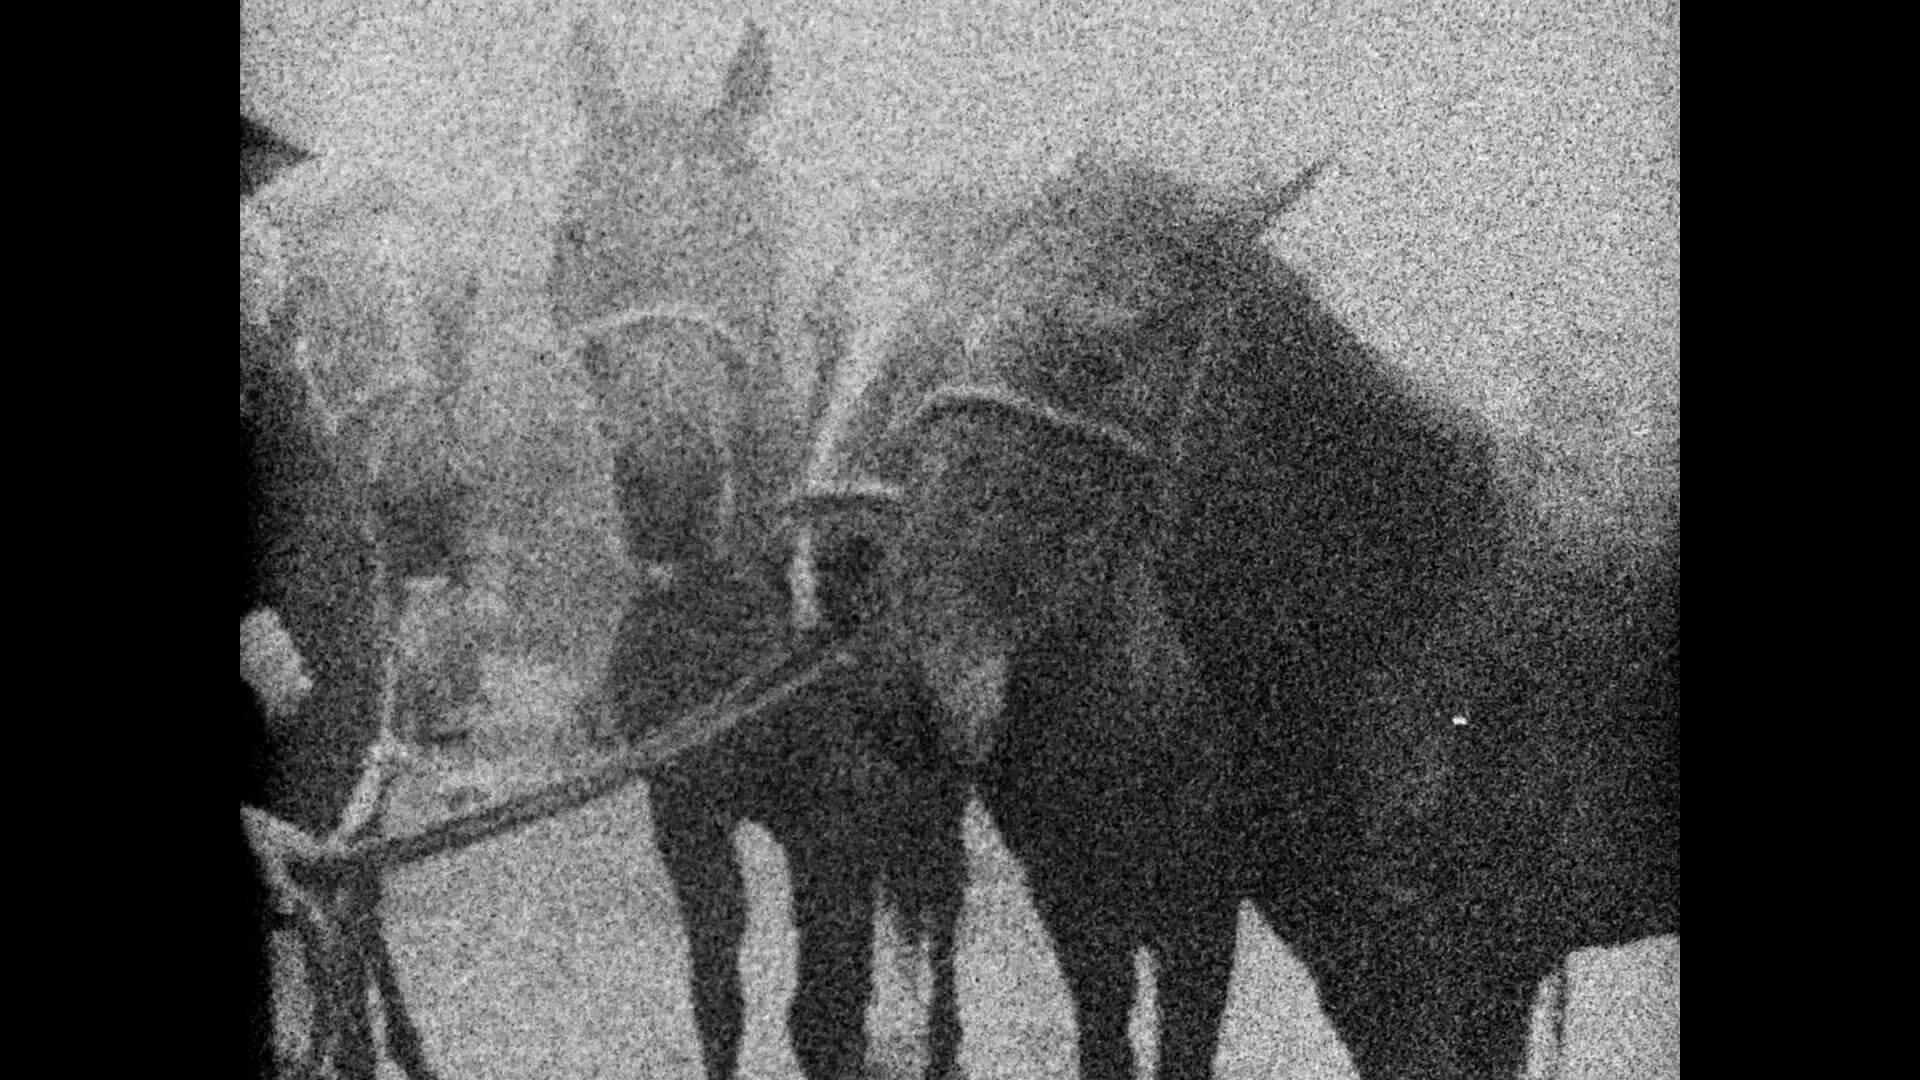 3 Dreams Of Horses Mike Hoolboom Doclisboa 2018